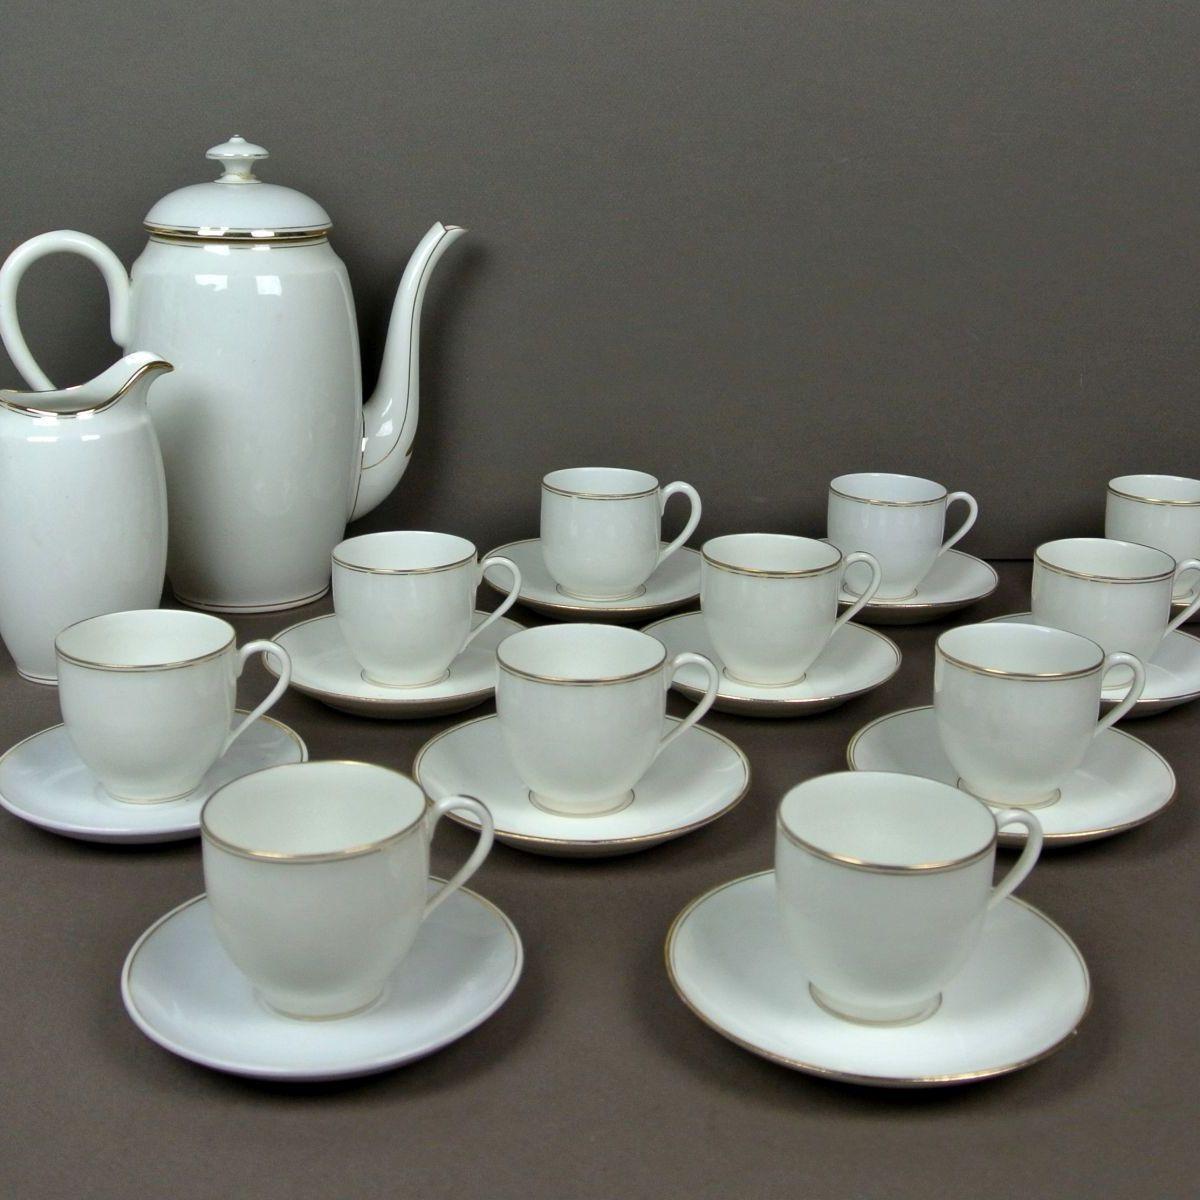 Grand service à café LIMOGES blanc & or - Le palais des bricoles